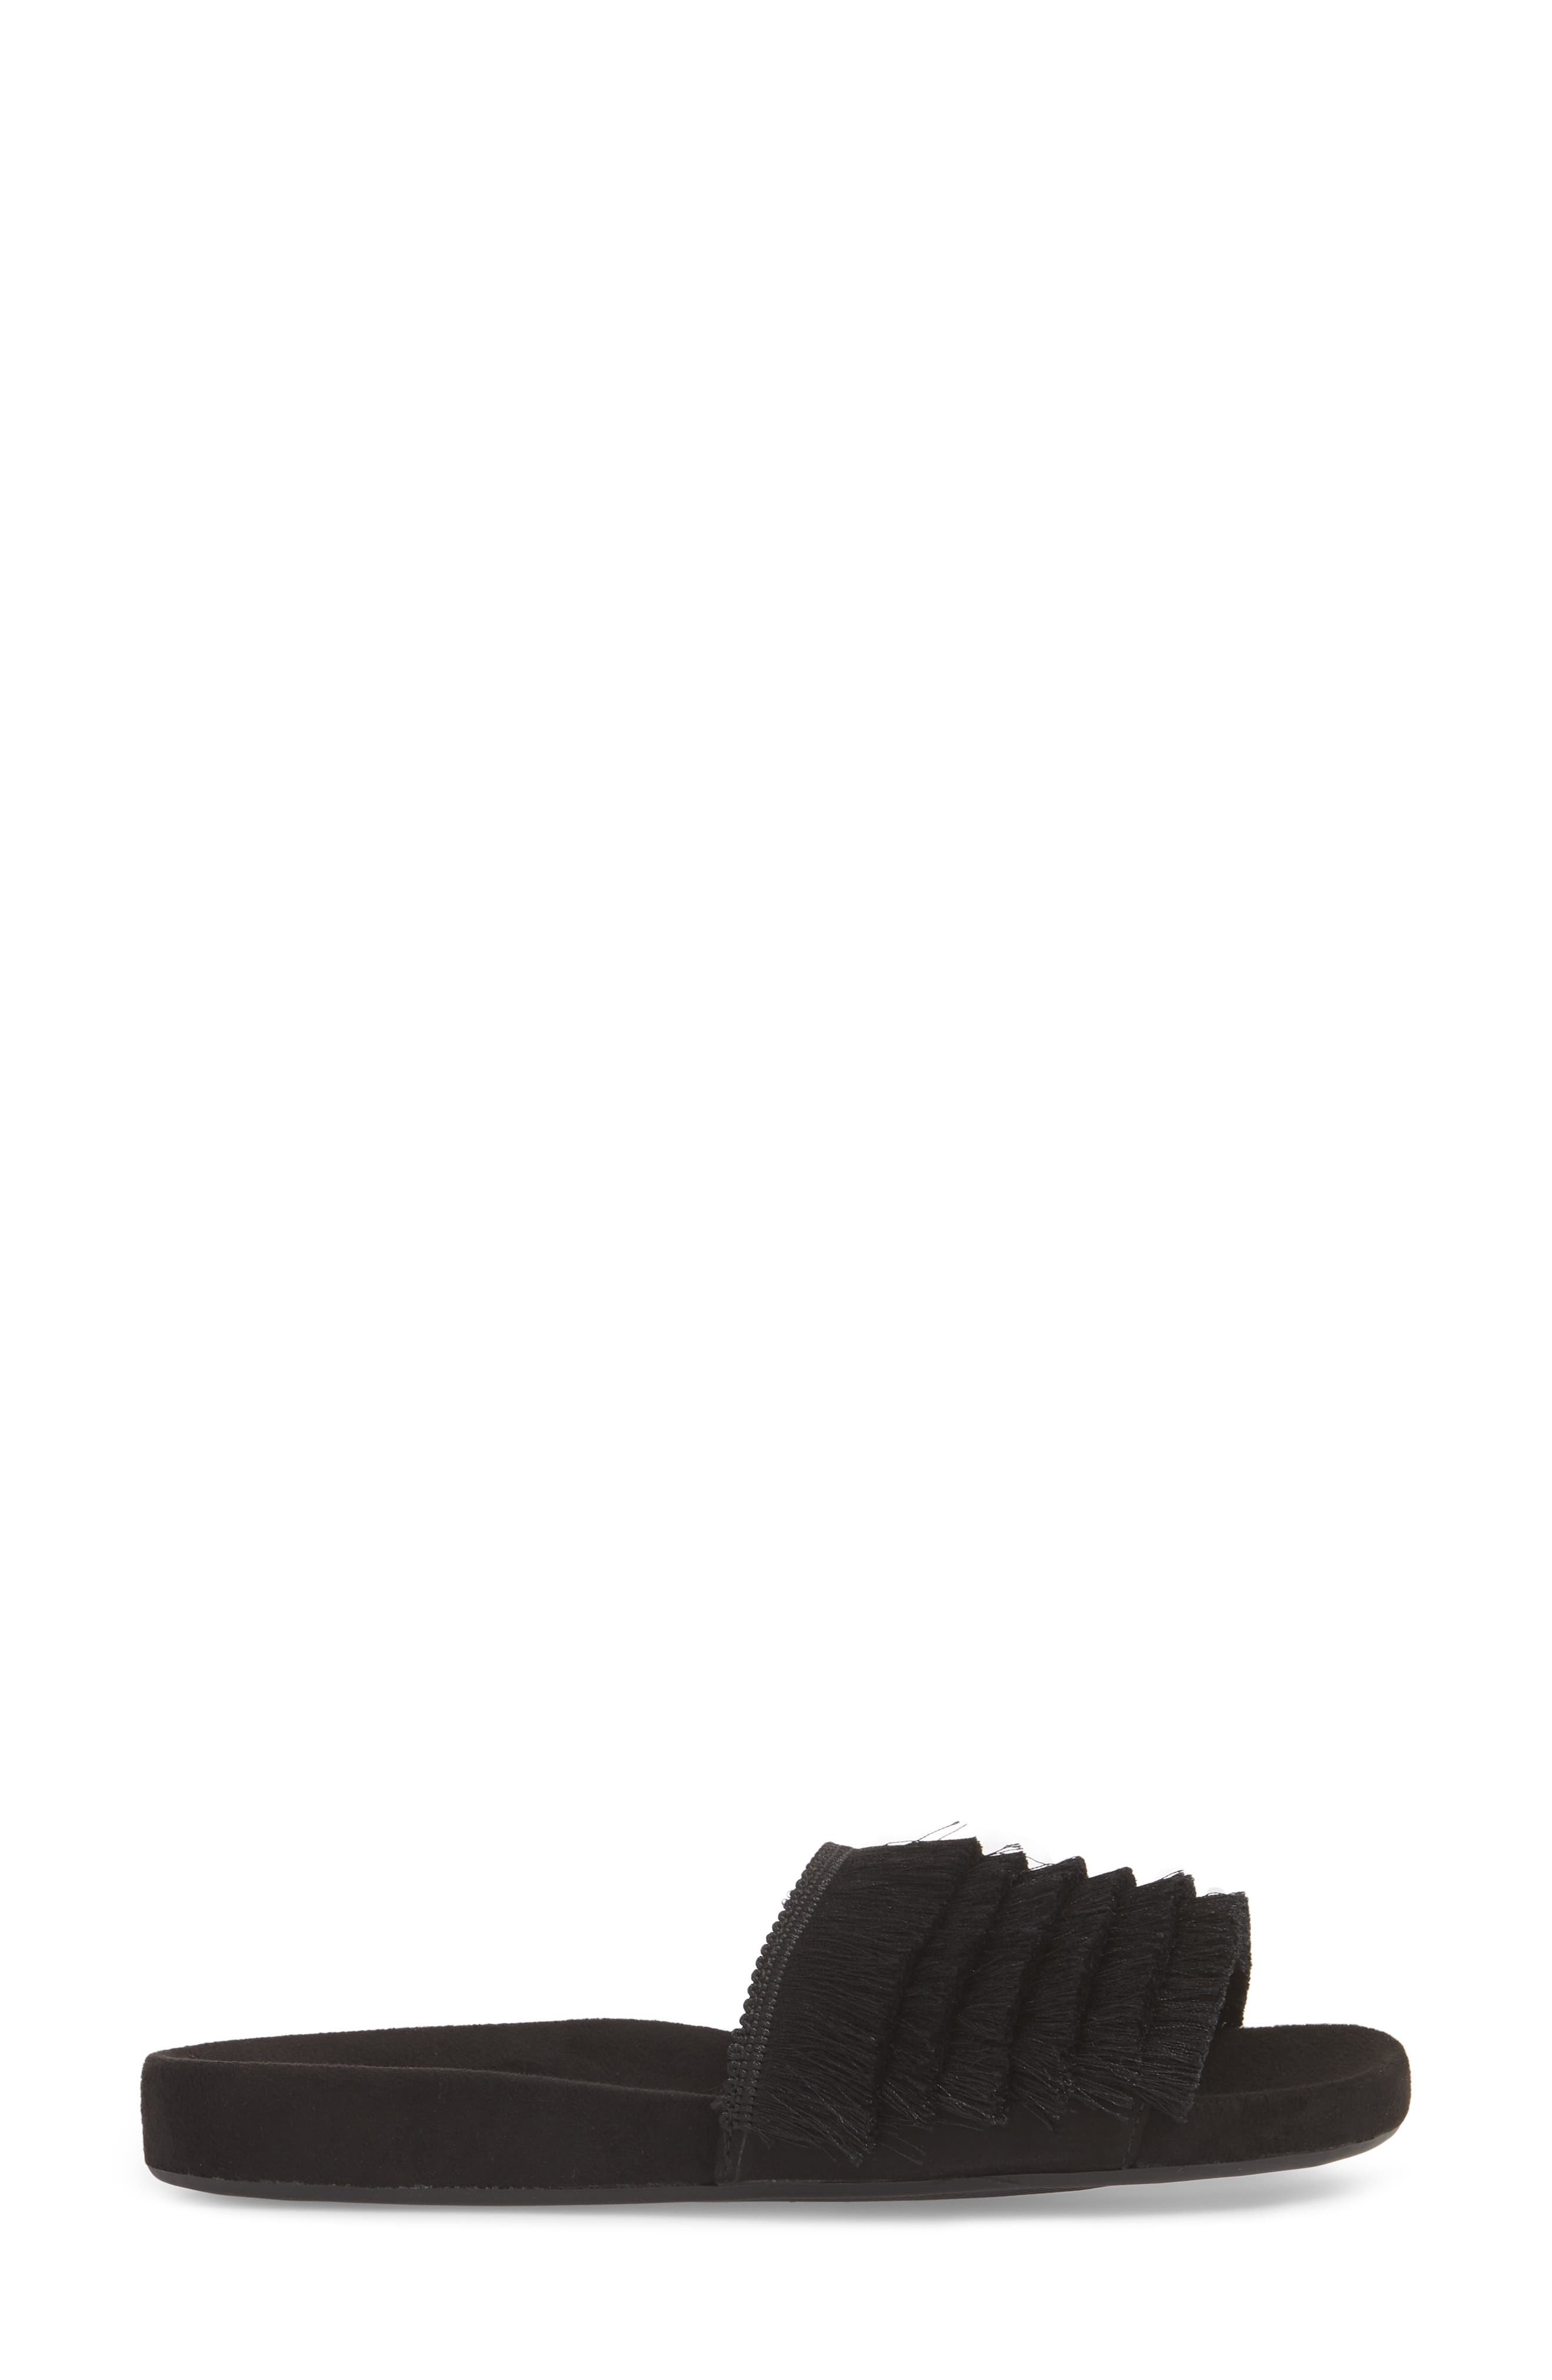 Hun Fringe Slide Sandal,                             Alternate thumbnail 3, color,                             001